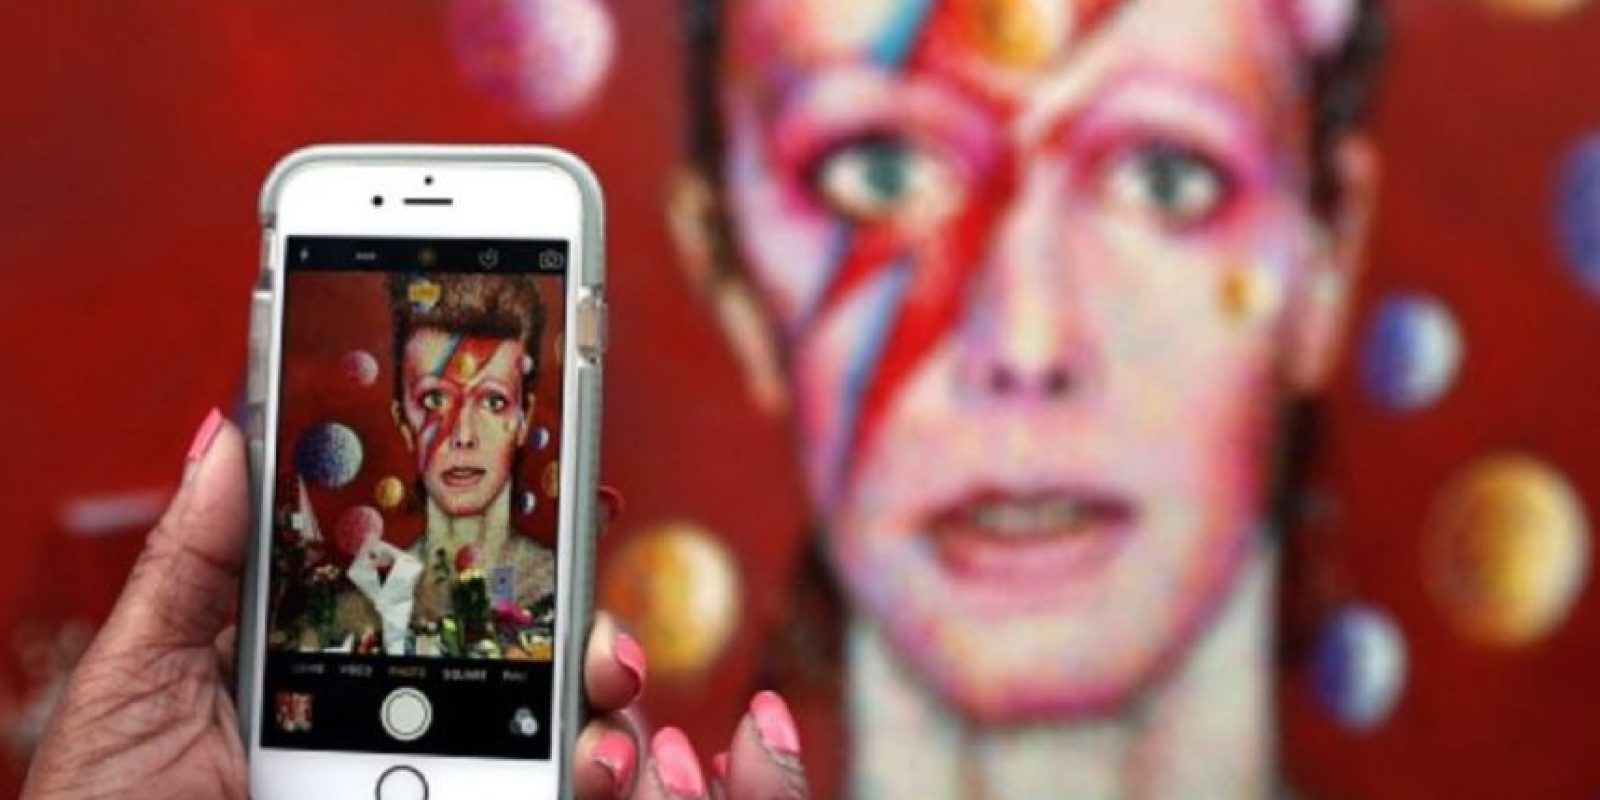 Eran del mismo color, sin embargo, su iris dilatado hacía lucir sus ojos de distintos tonos. Foto:Getty Images